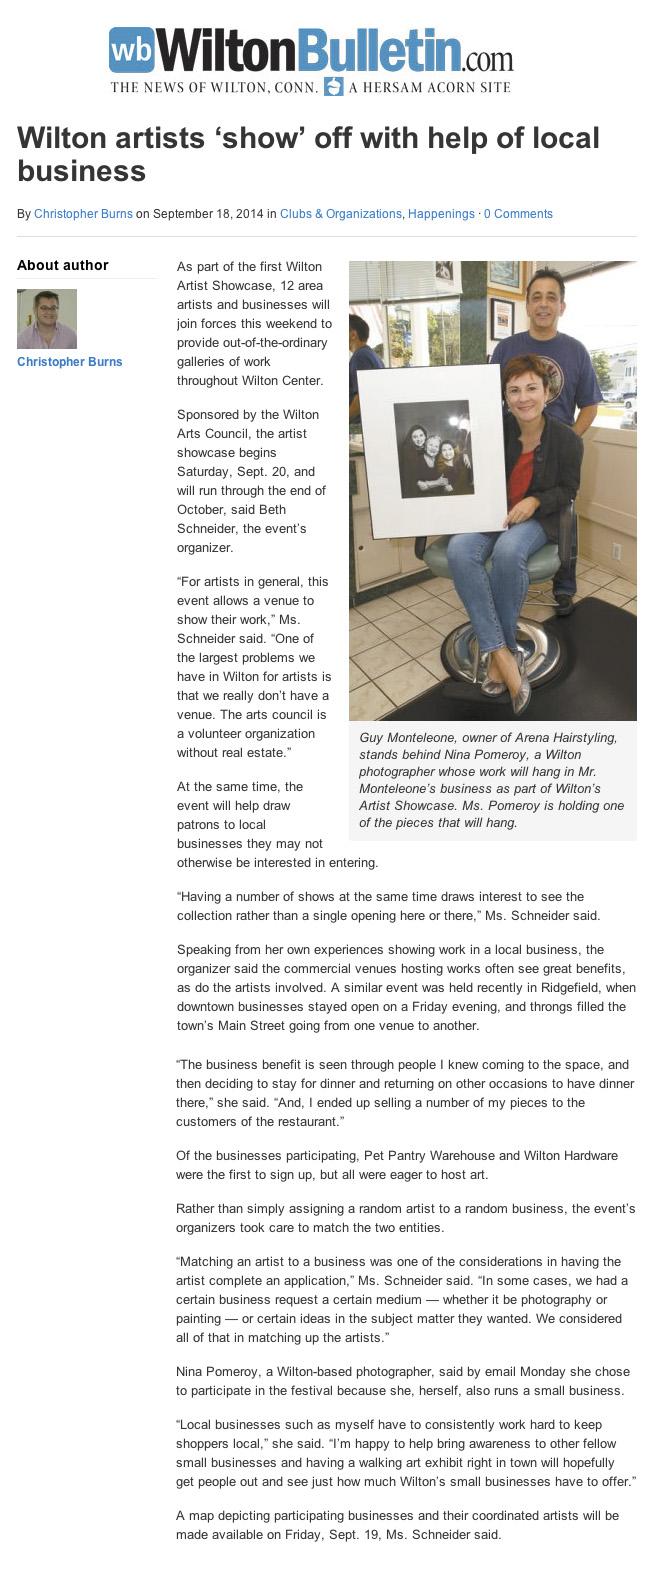 Westchester Photographer: ninapomeroy.com